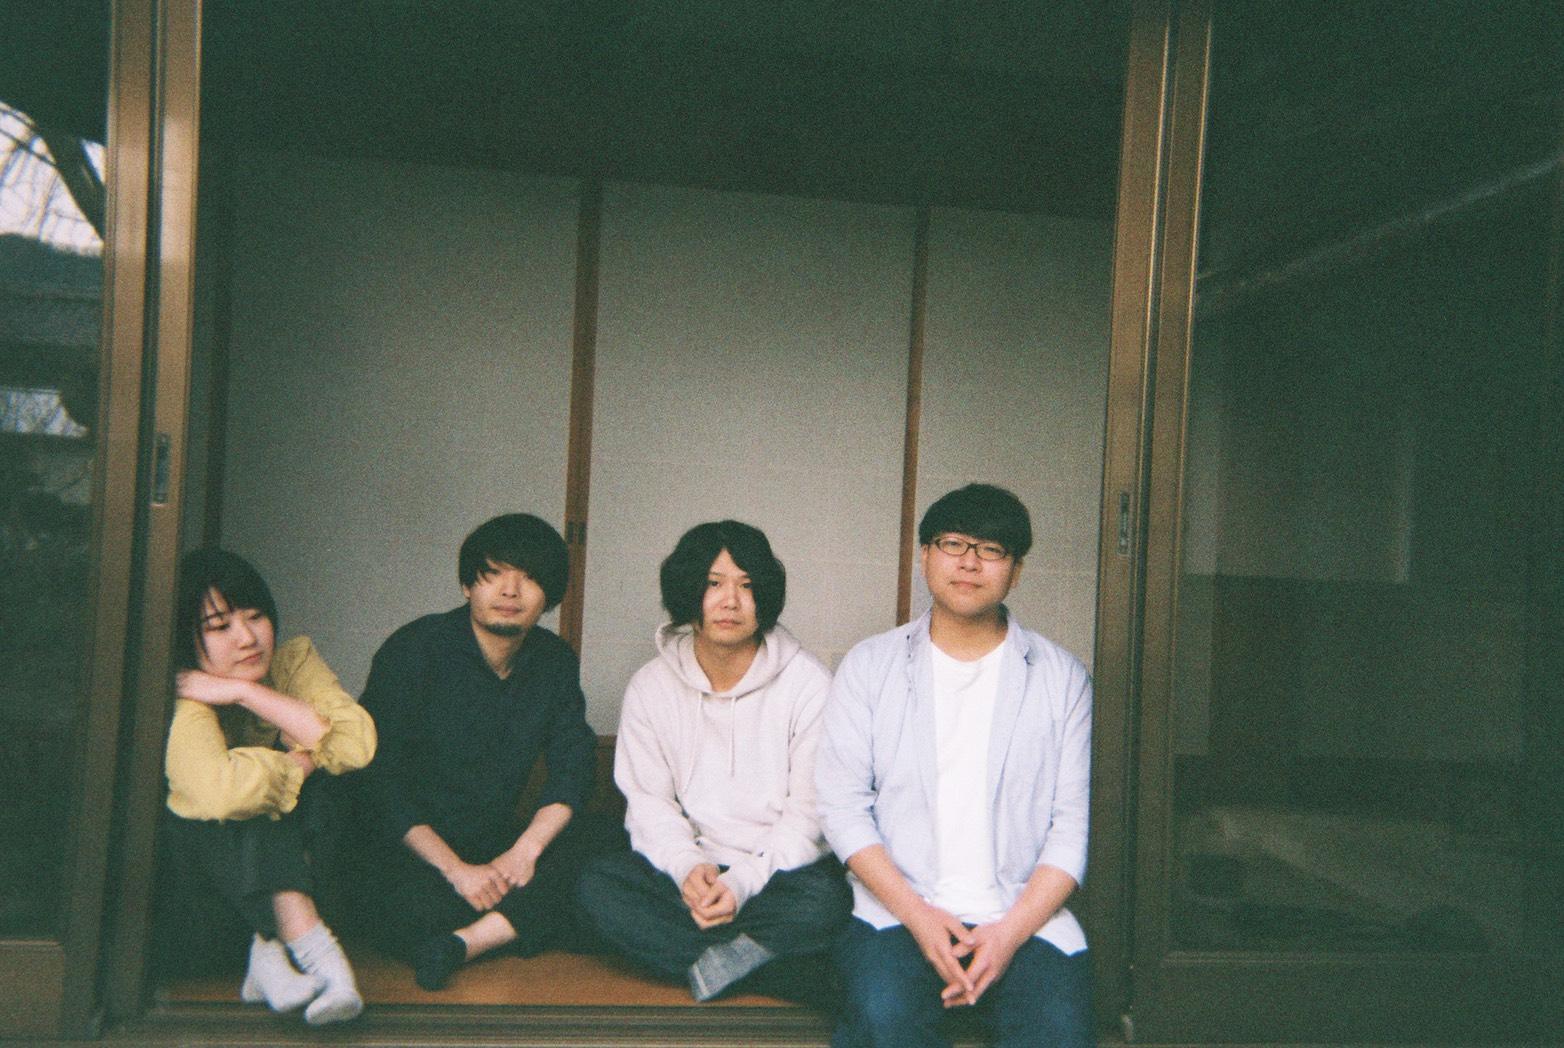 いつかのネモフィラ 2nd single 『こころのかたちが変わる日々』release party 東京編